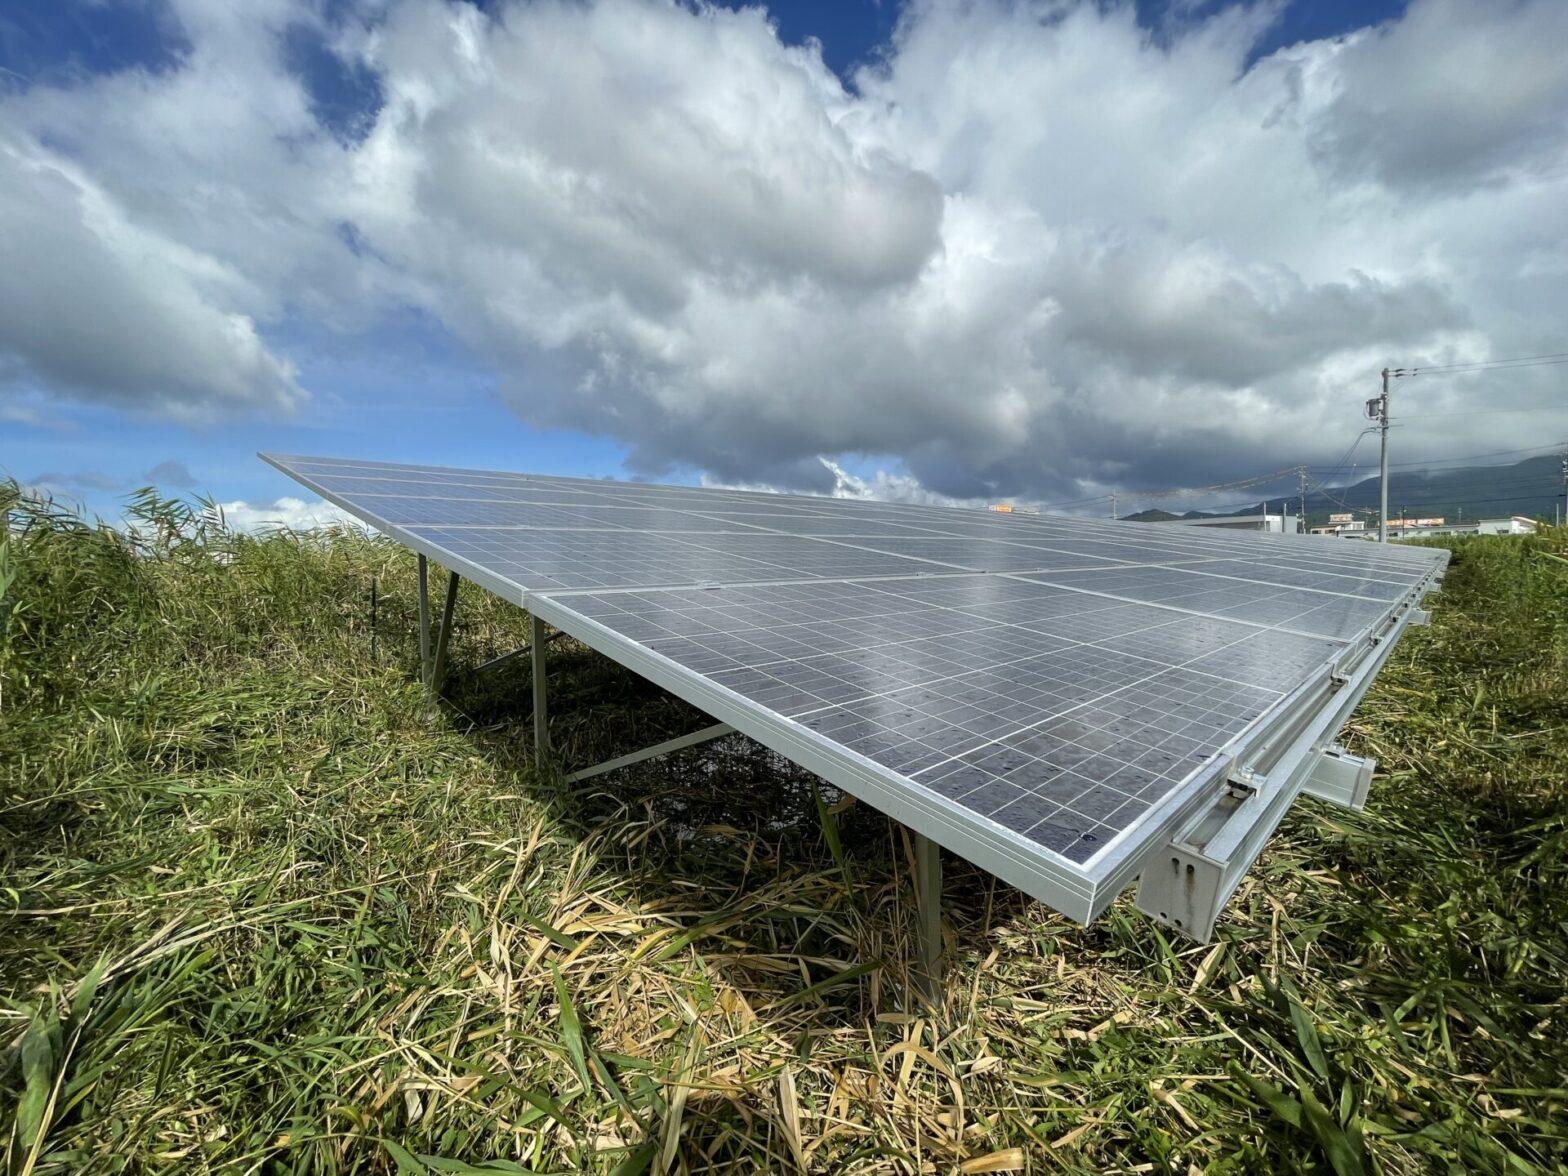 三重県伊勢市一色町太陽光発電所草刈り作業